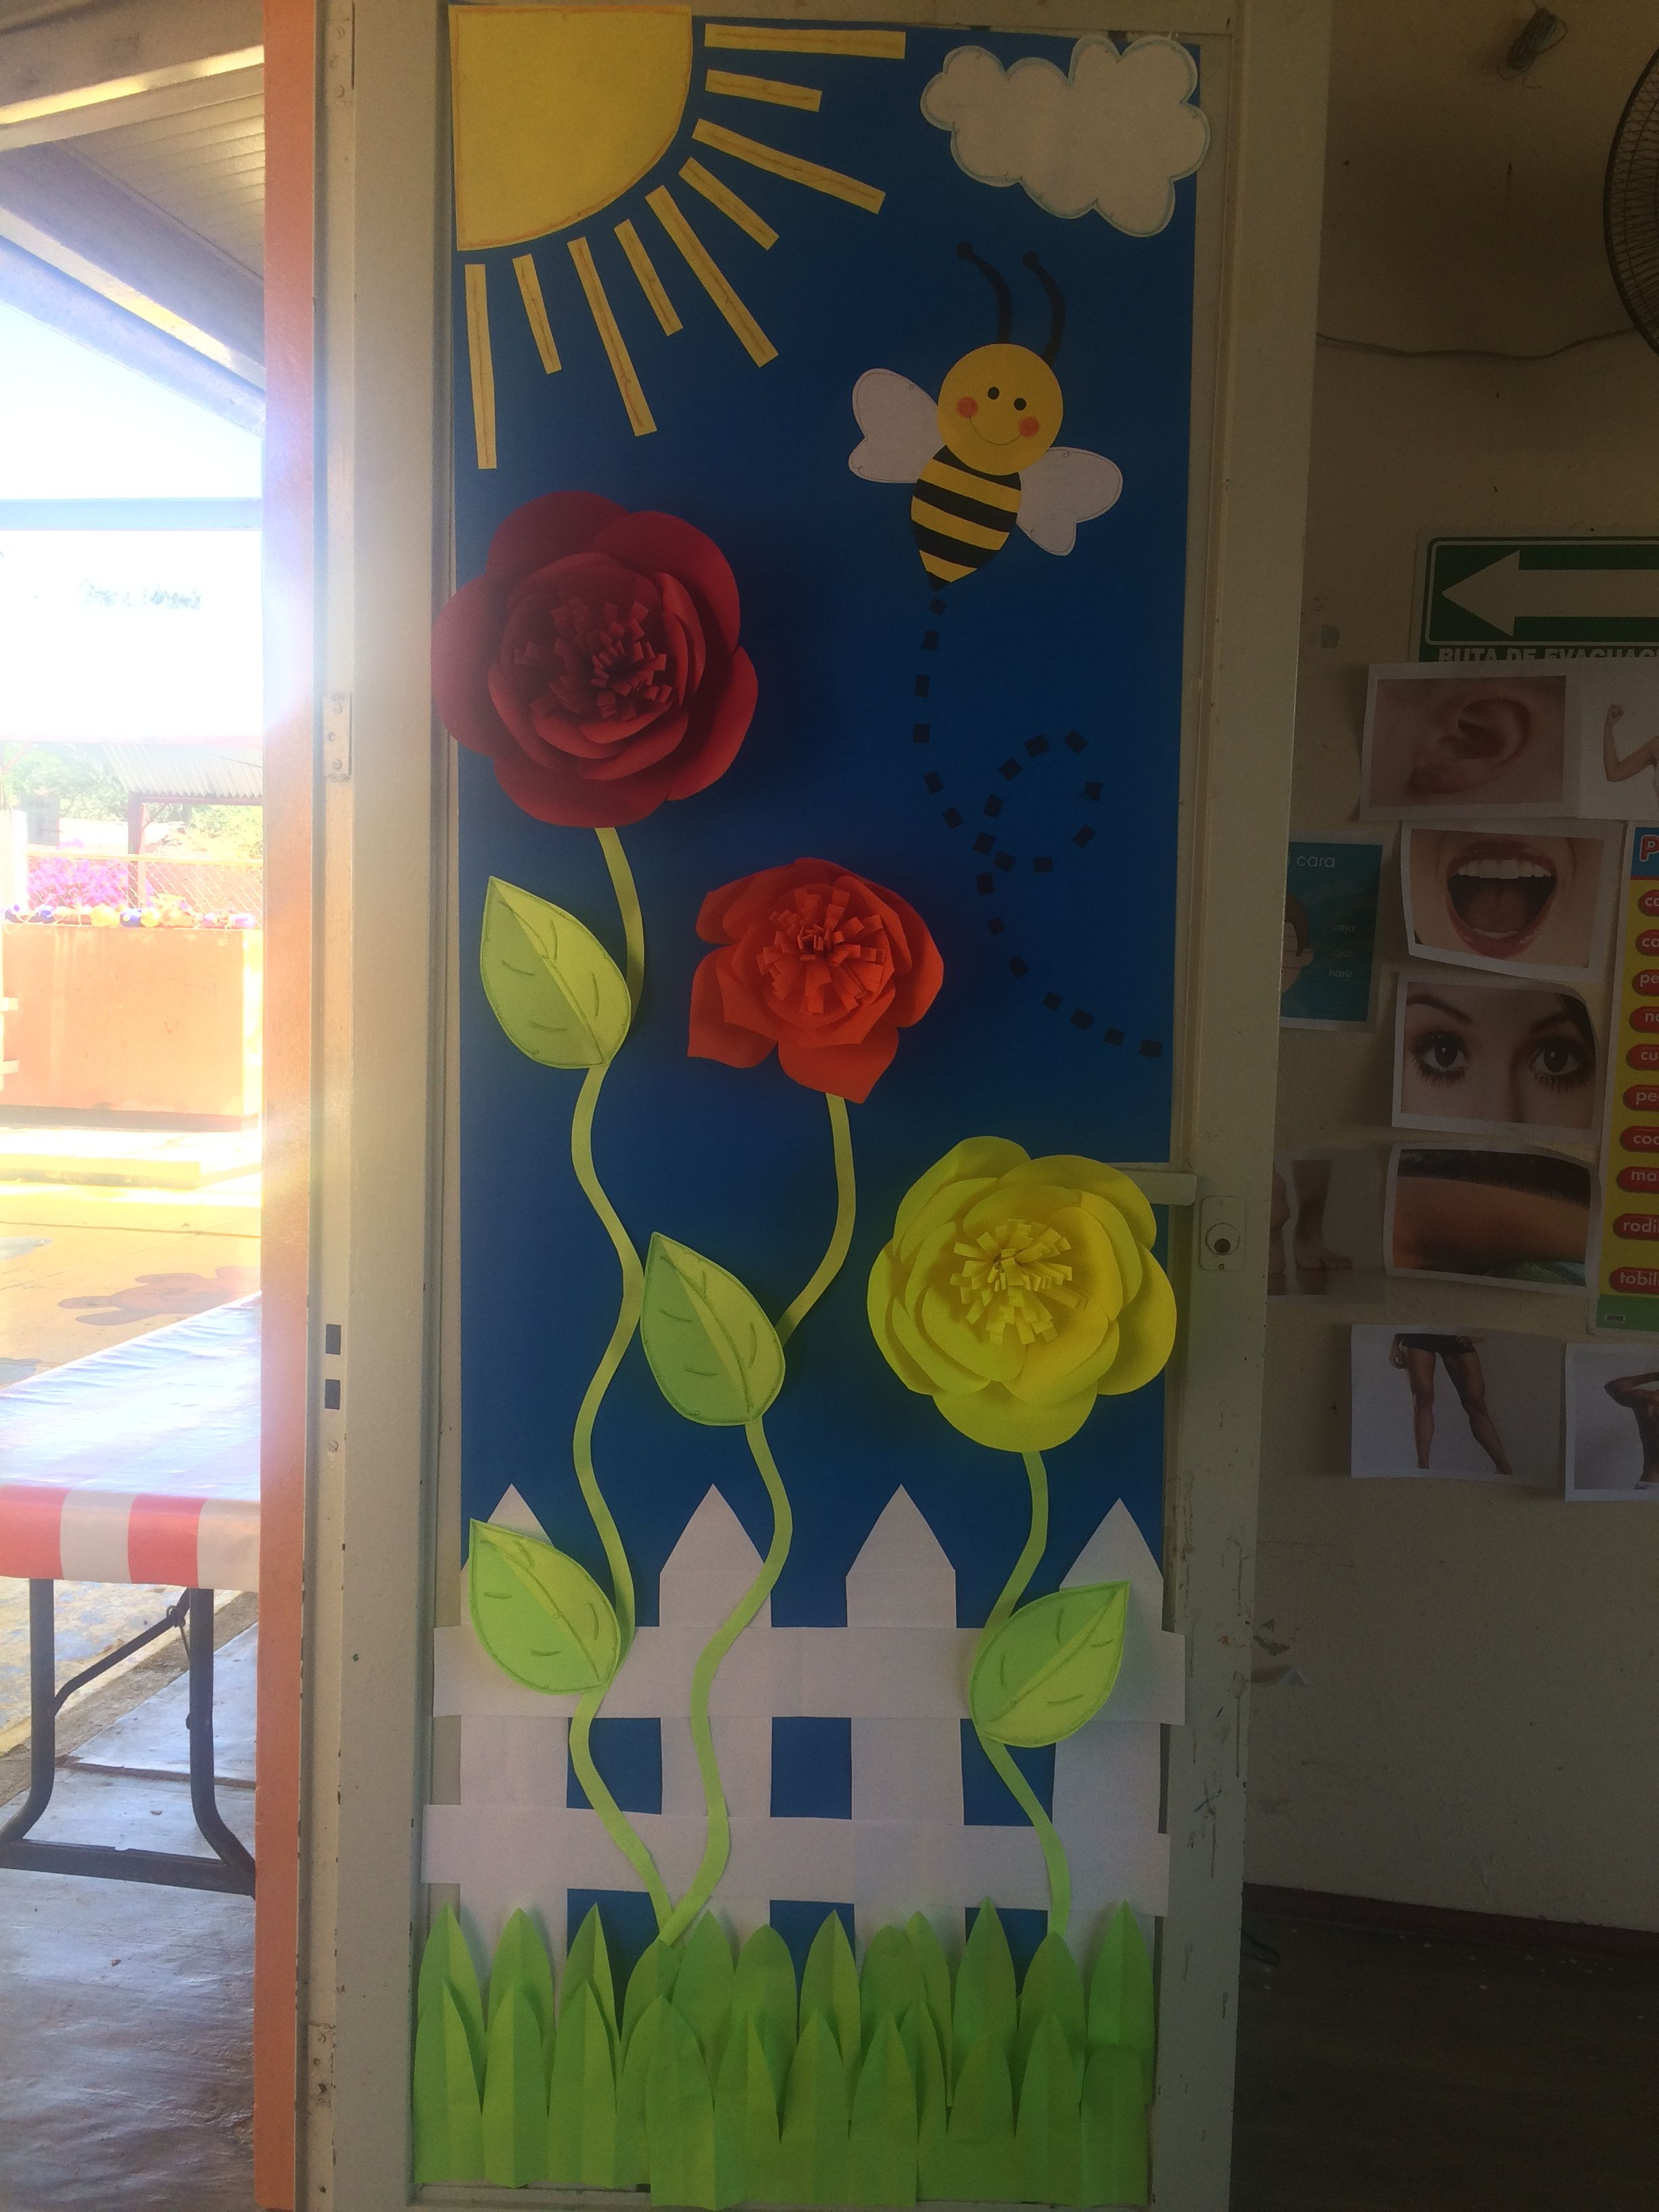 Marzo primavera escuela escuela puertas de escuela for Puertas decoradas con dinosaurios